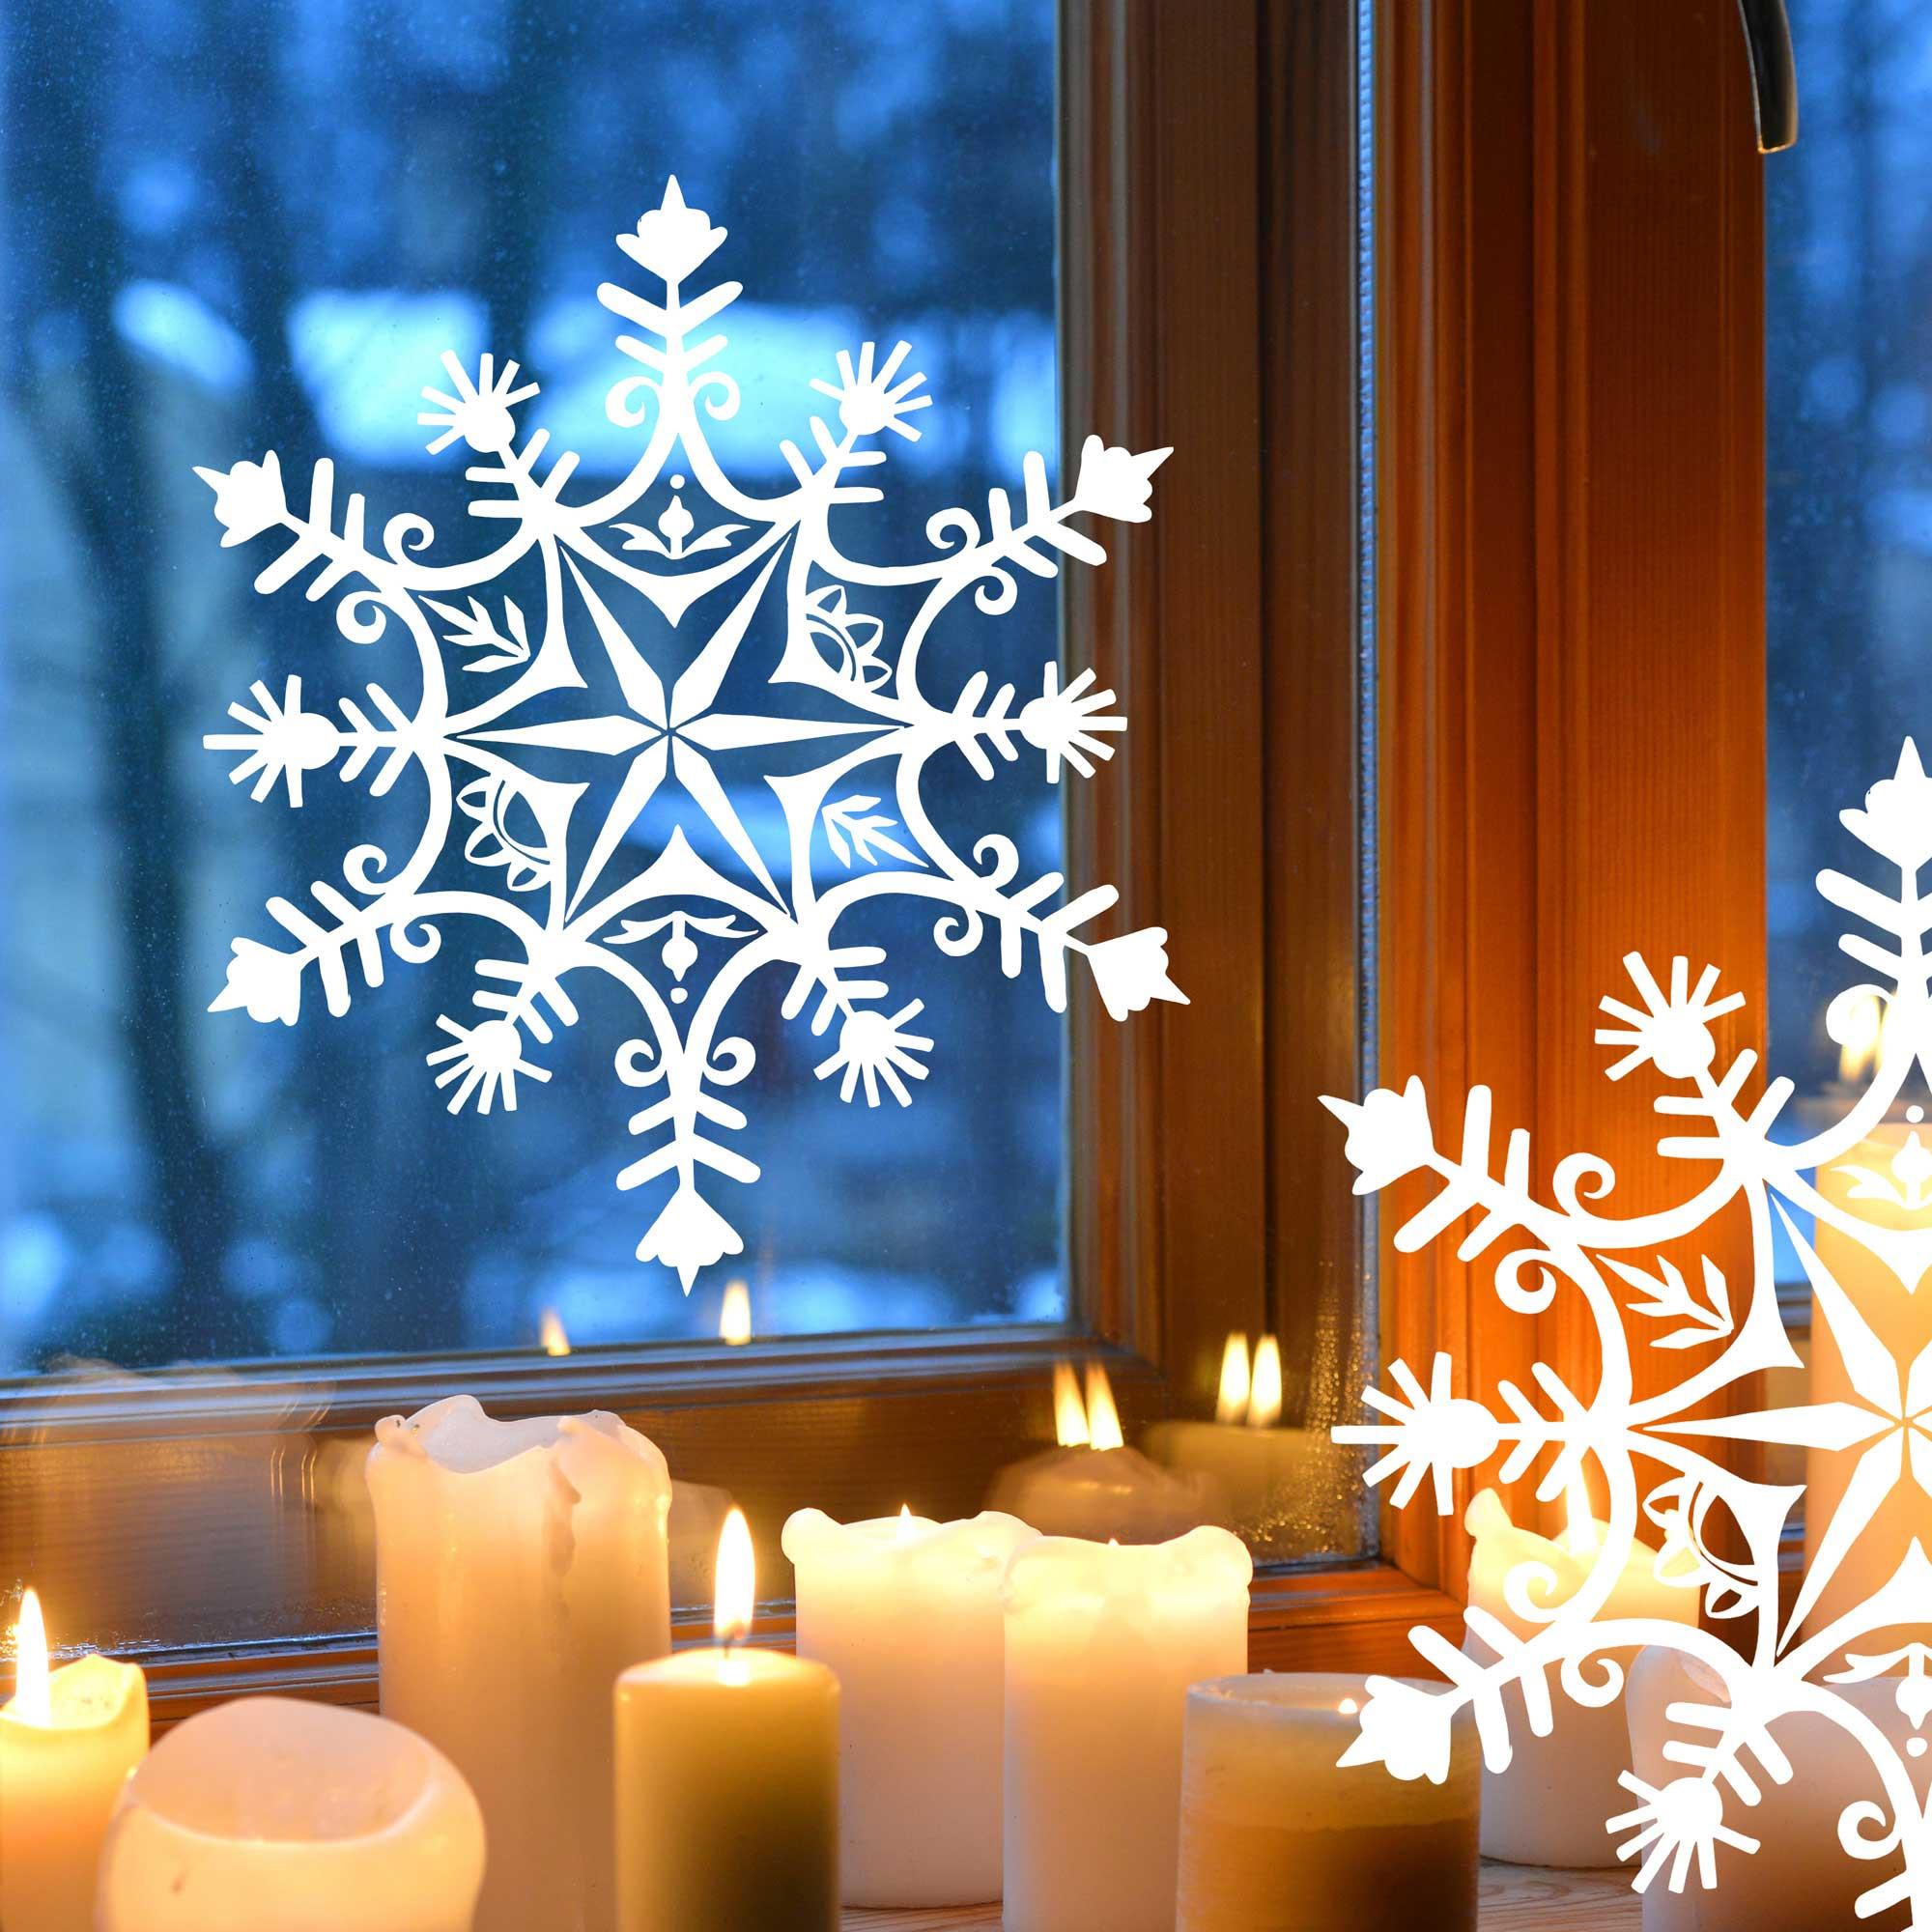 Fensterbild fensterdeko winter schneekristall schneeflocke for Fensterdeko winter